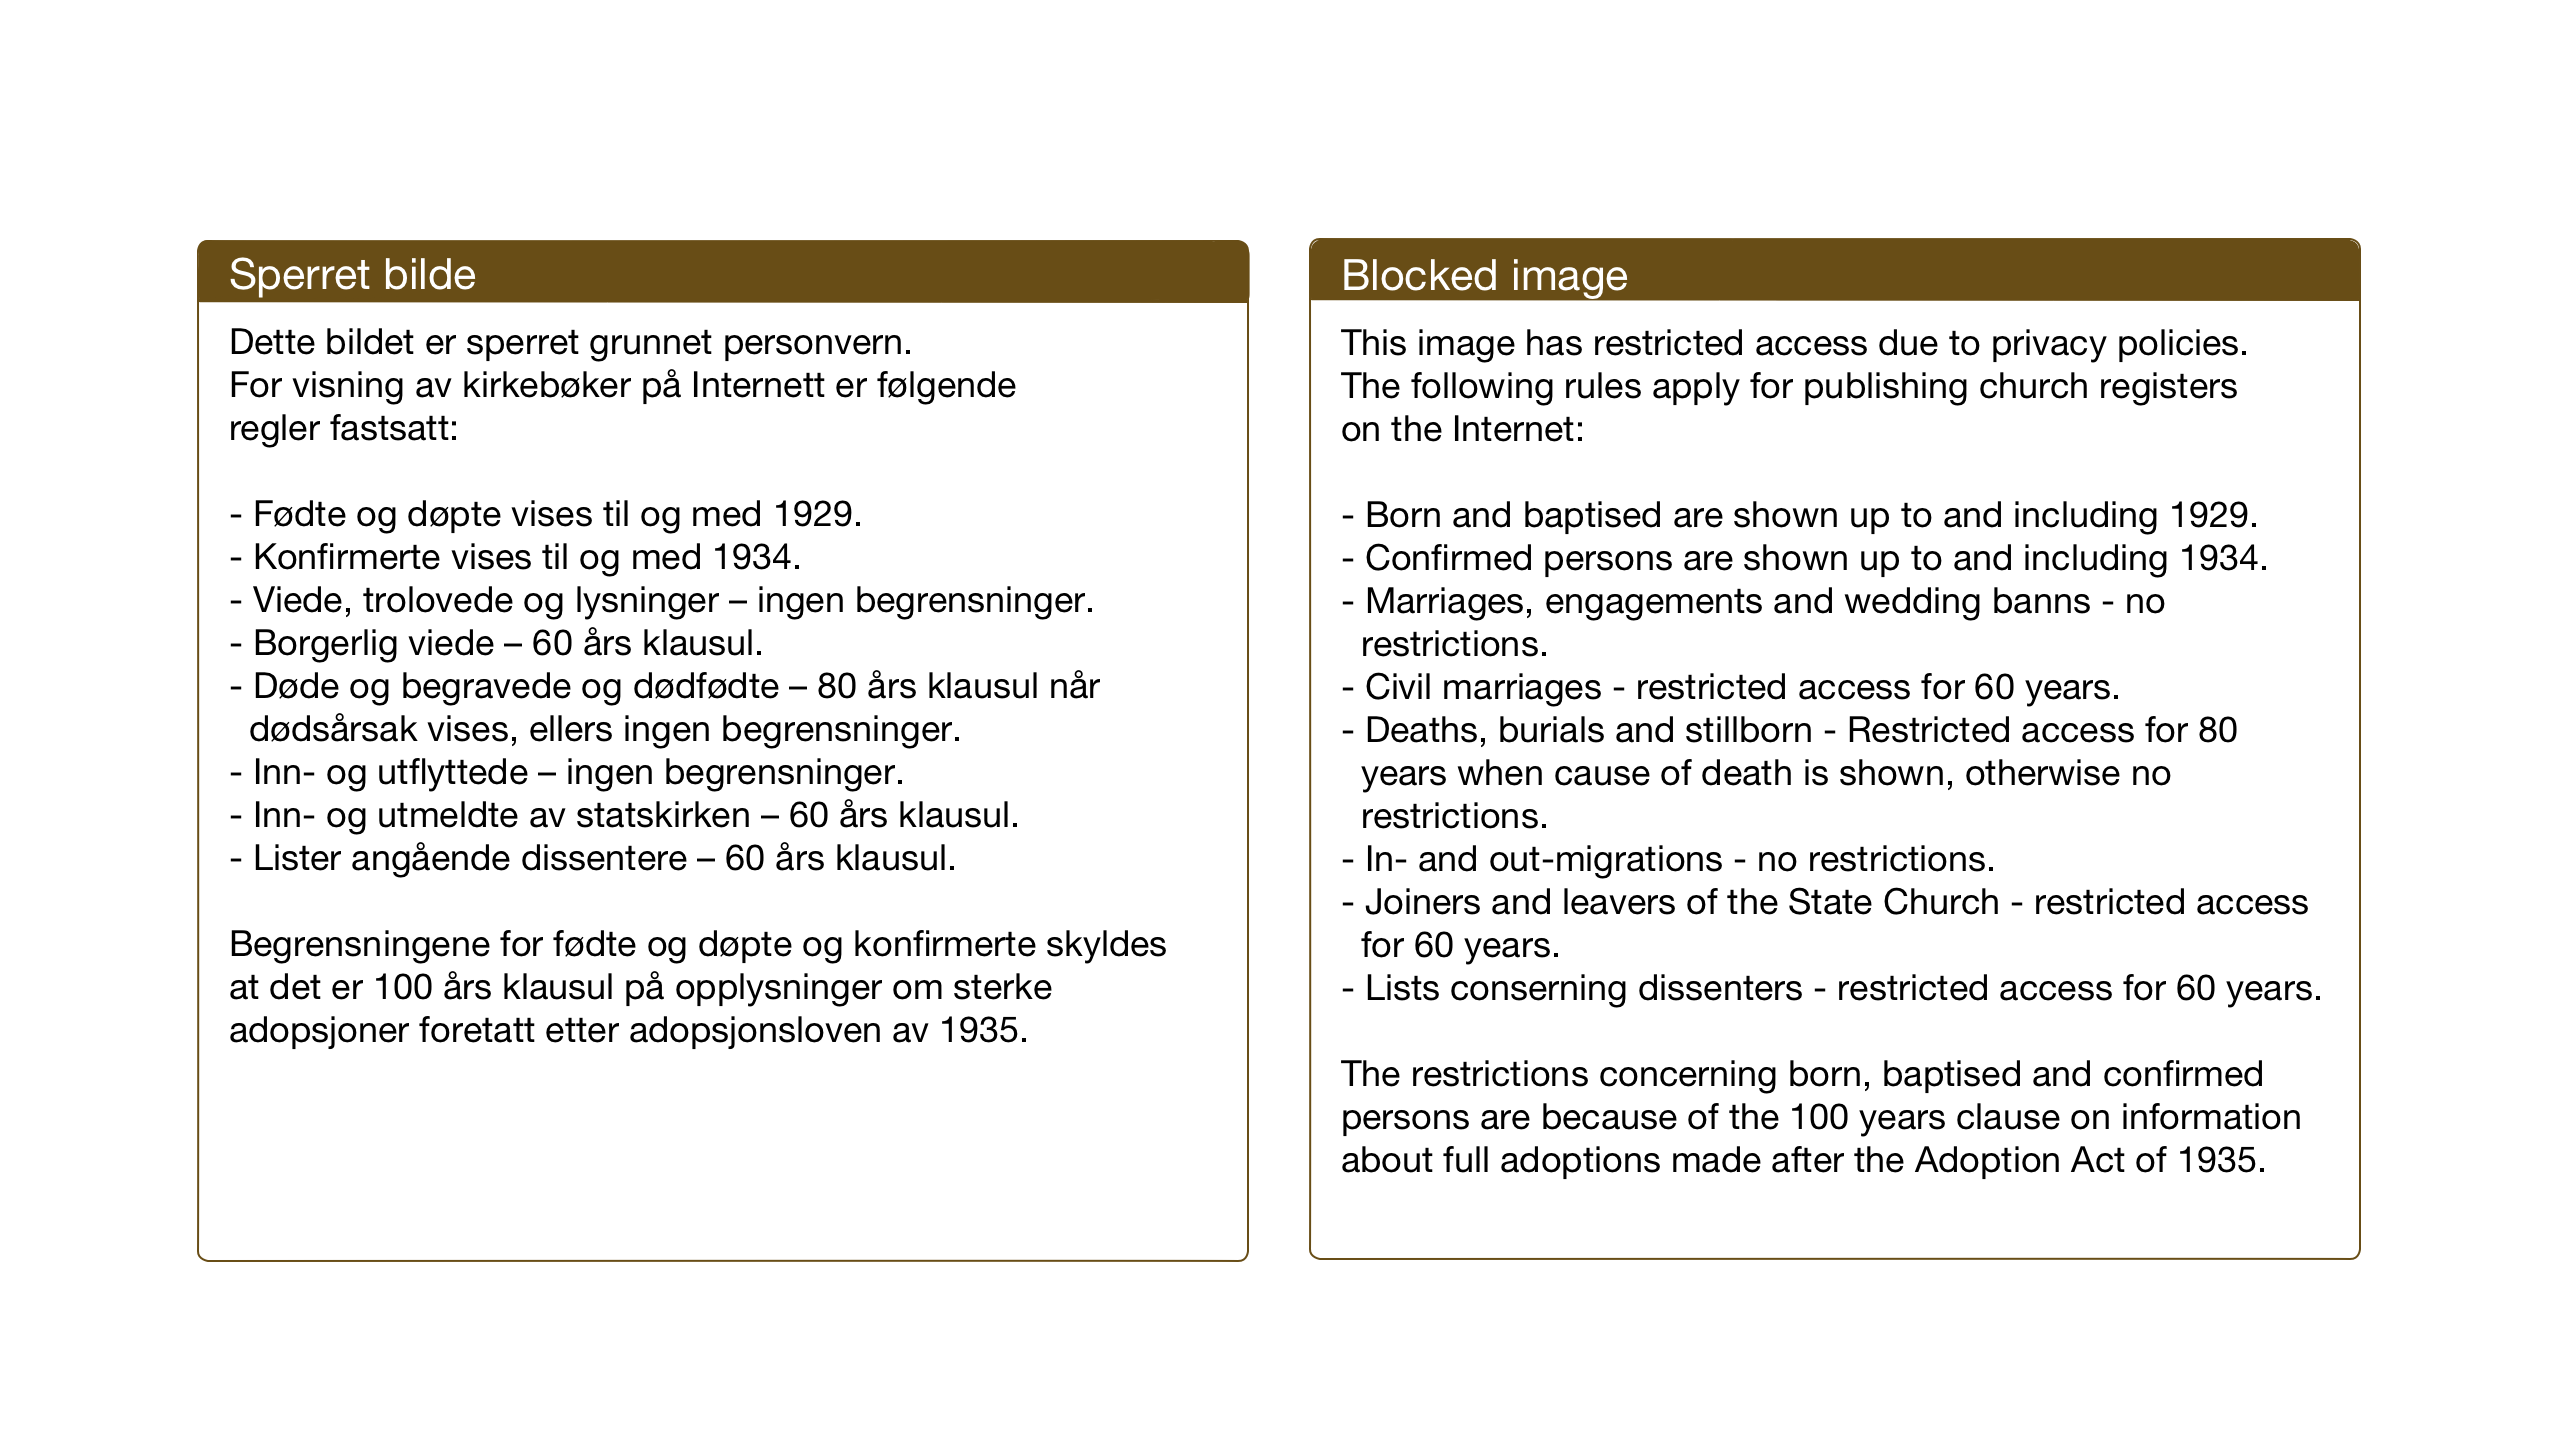 SAT, Ministerialprotokoller, klokkerbøker og fødselsregistre - Sør-Trøndelag, 682/L0947: Klokkerbok nr. 682C01, 1926-1968, s. 118